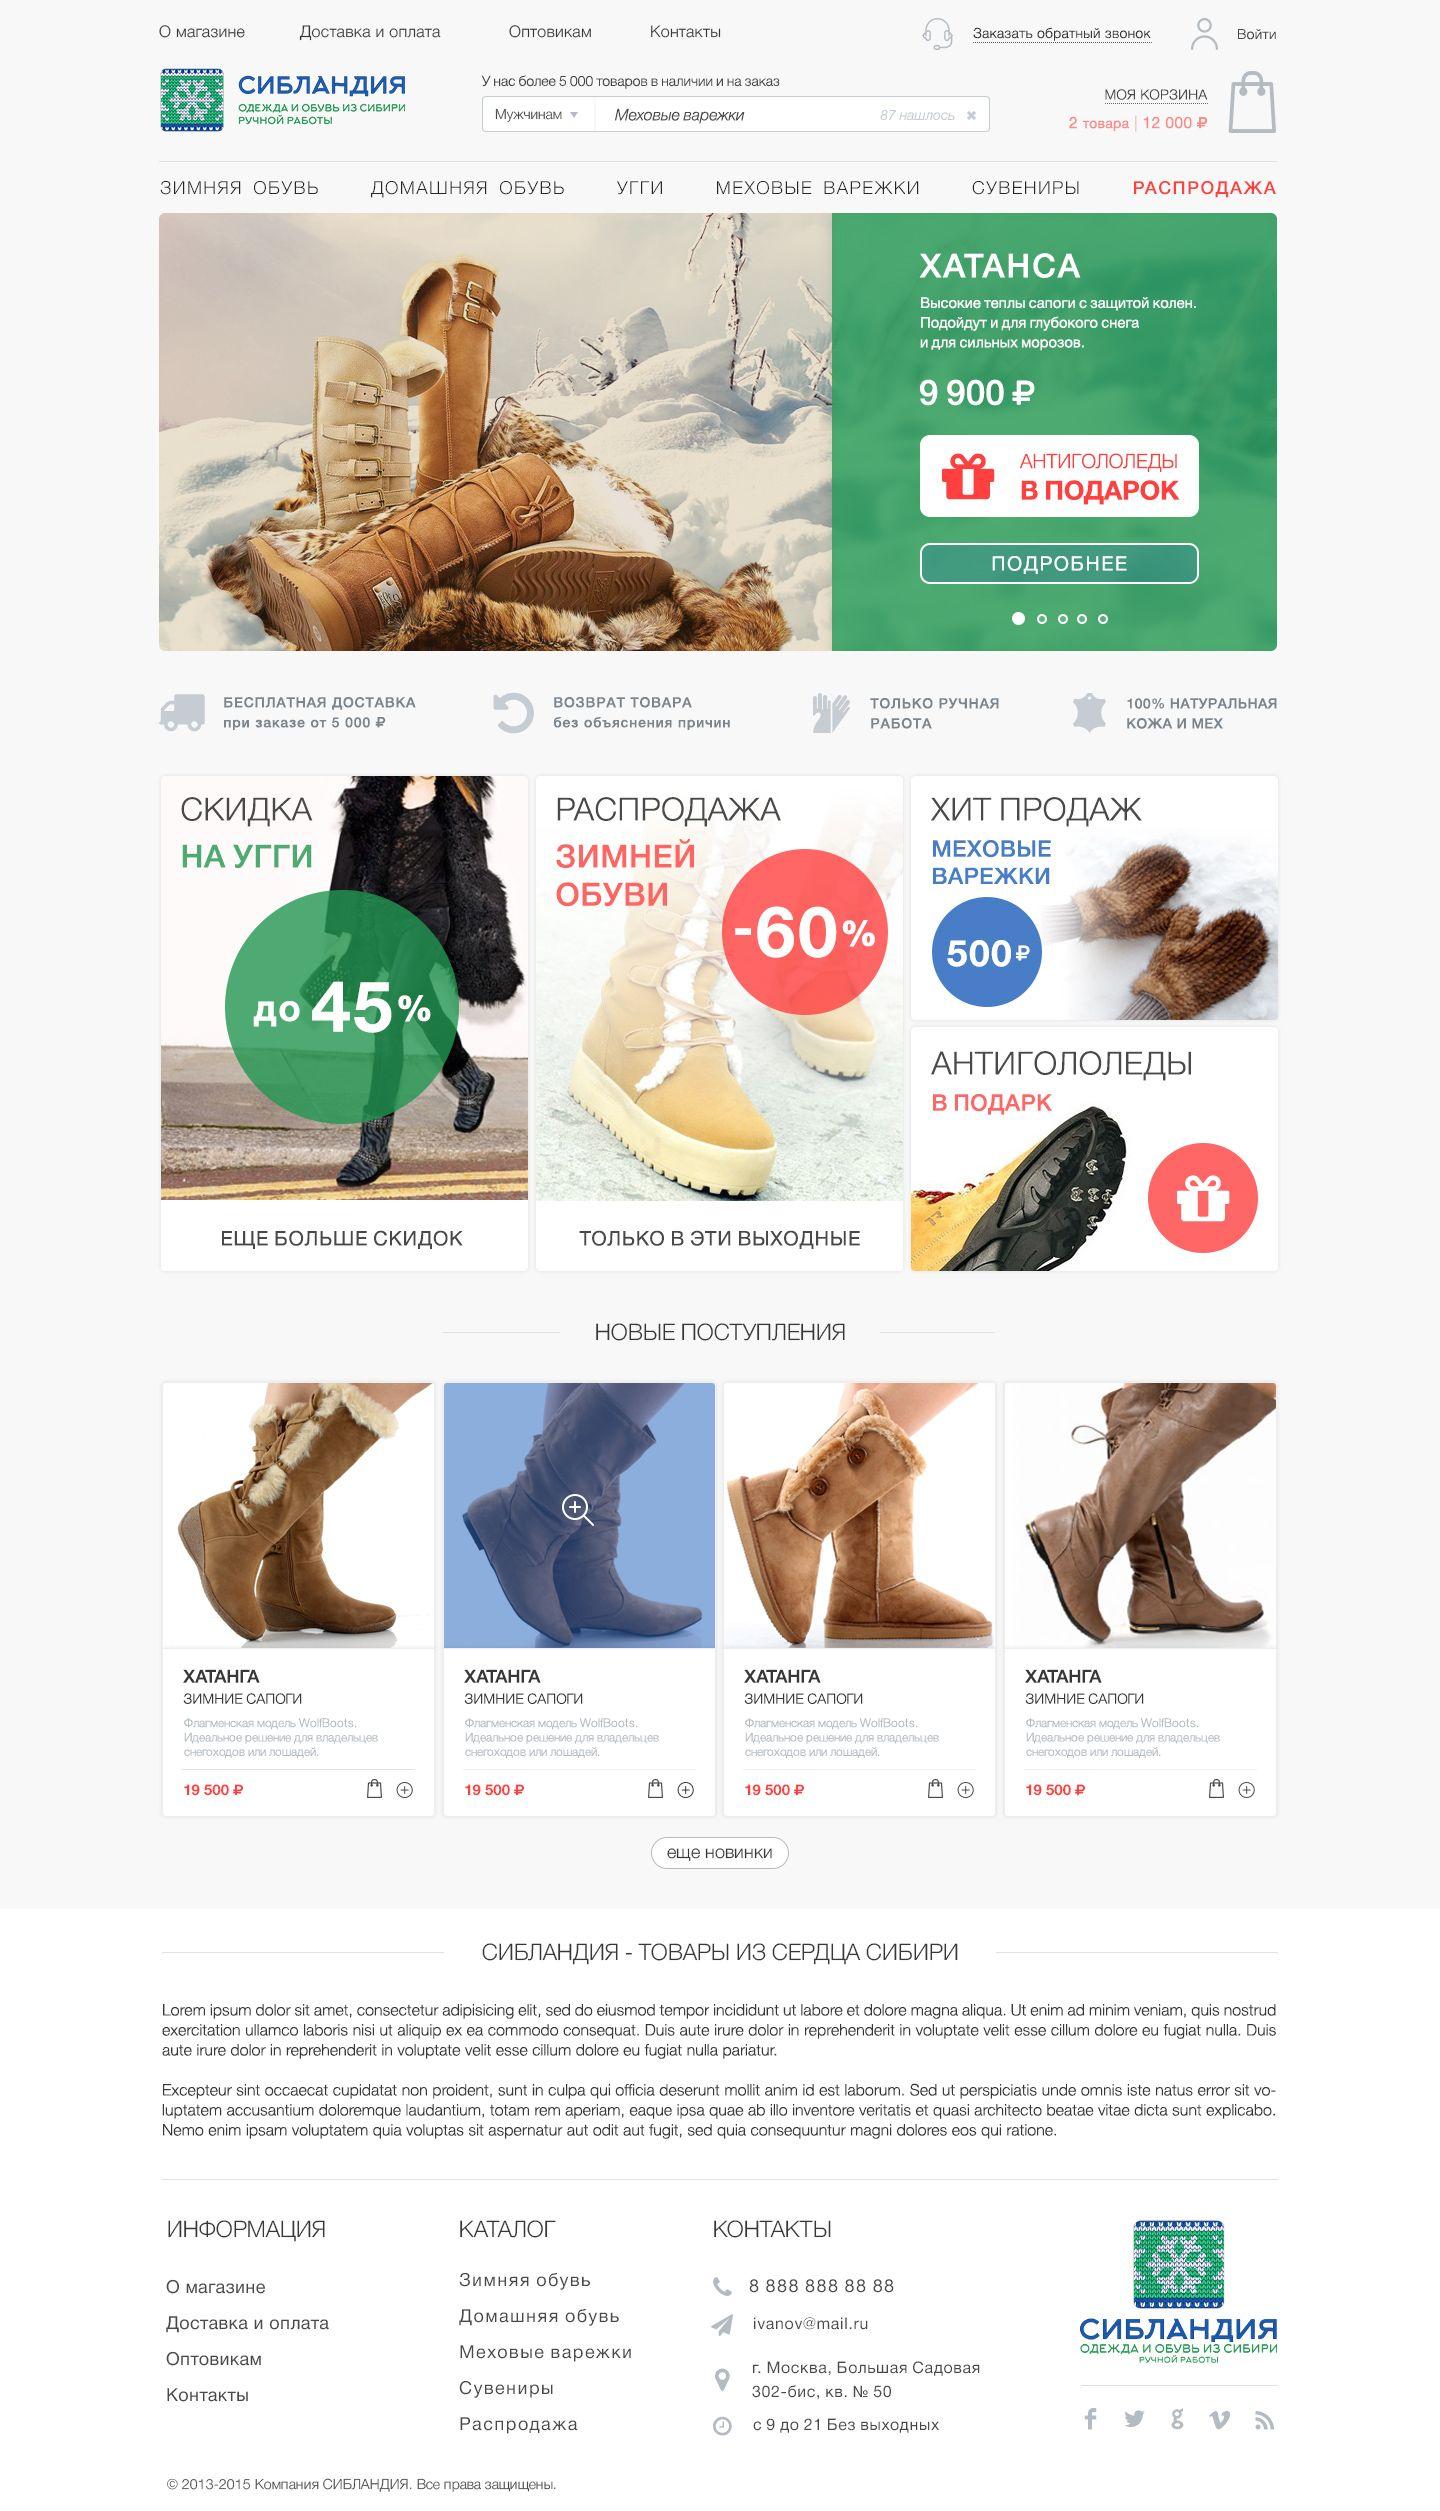 Дизайн сайта Сибландия — siblandia.ru - дизайнер composter